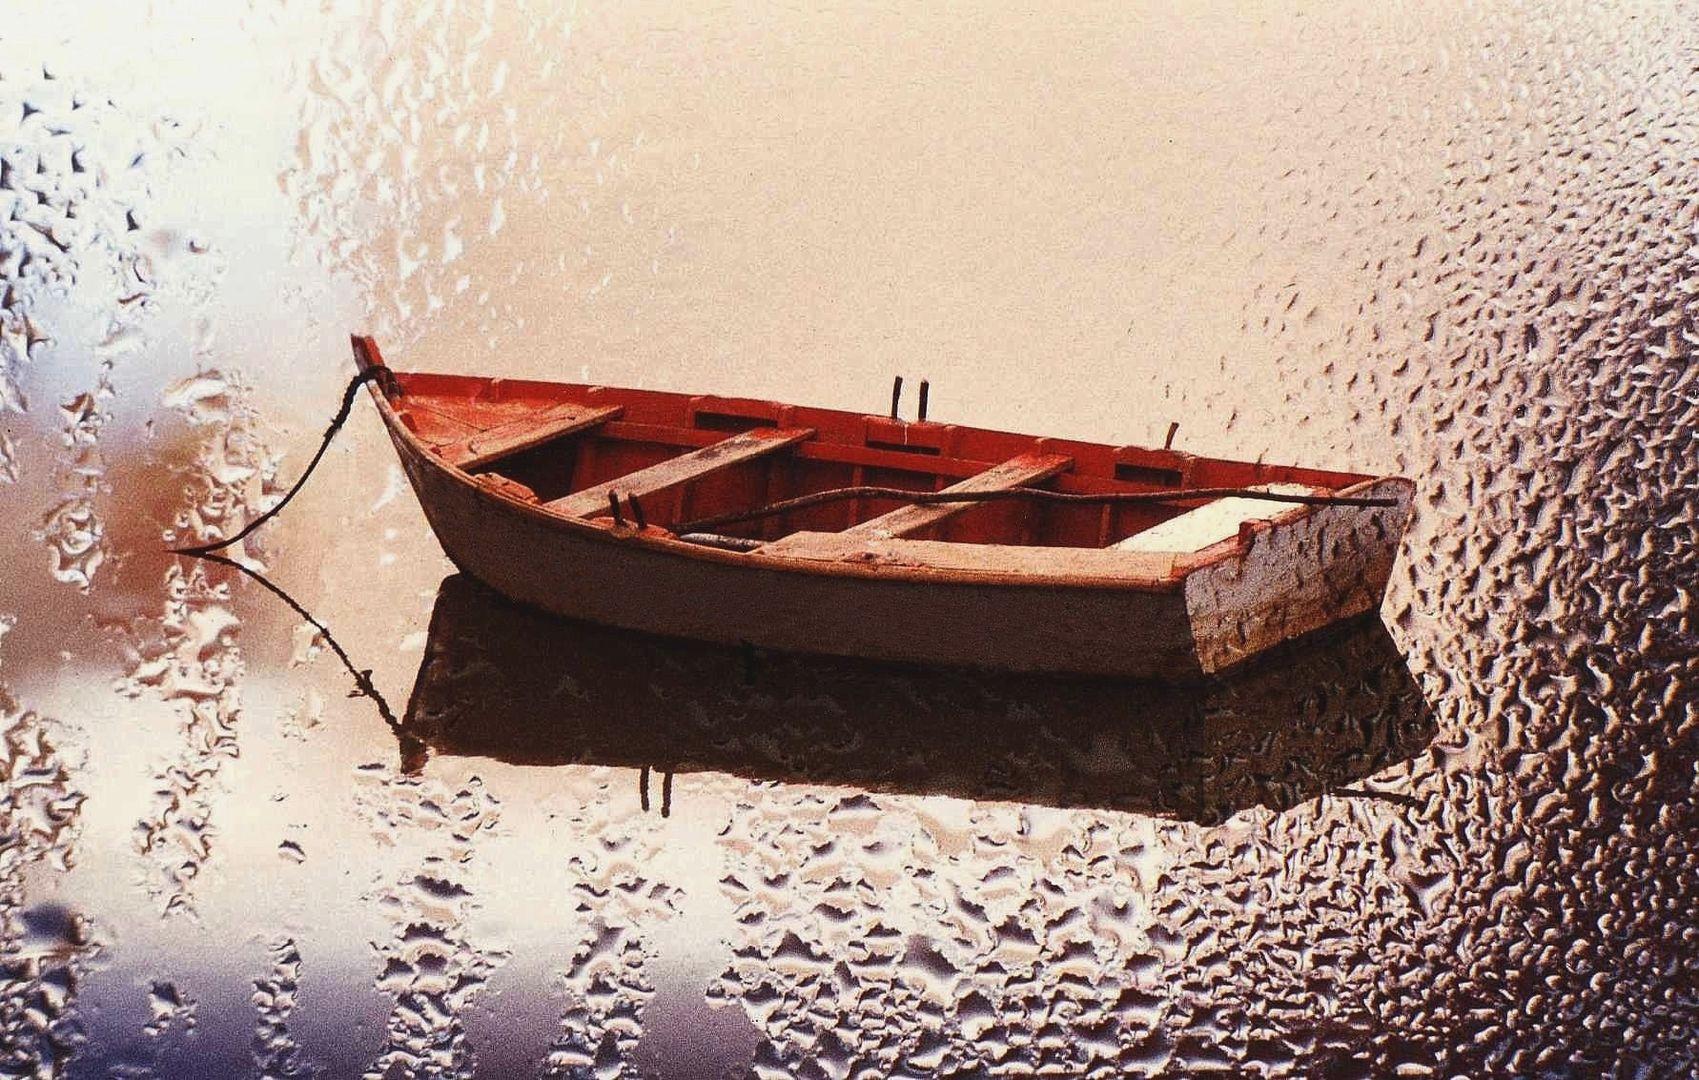 La barque sur l'eau vitrée